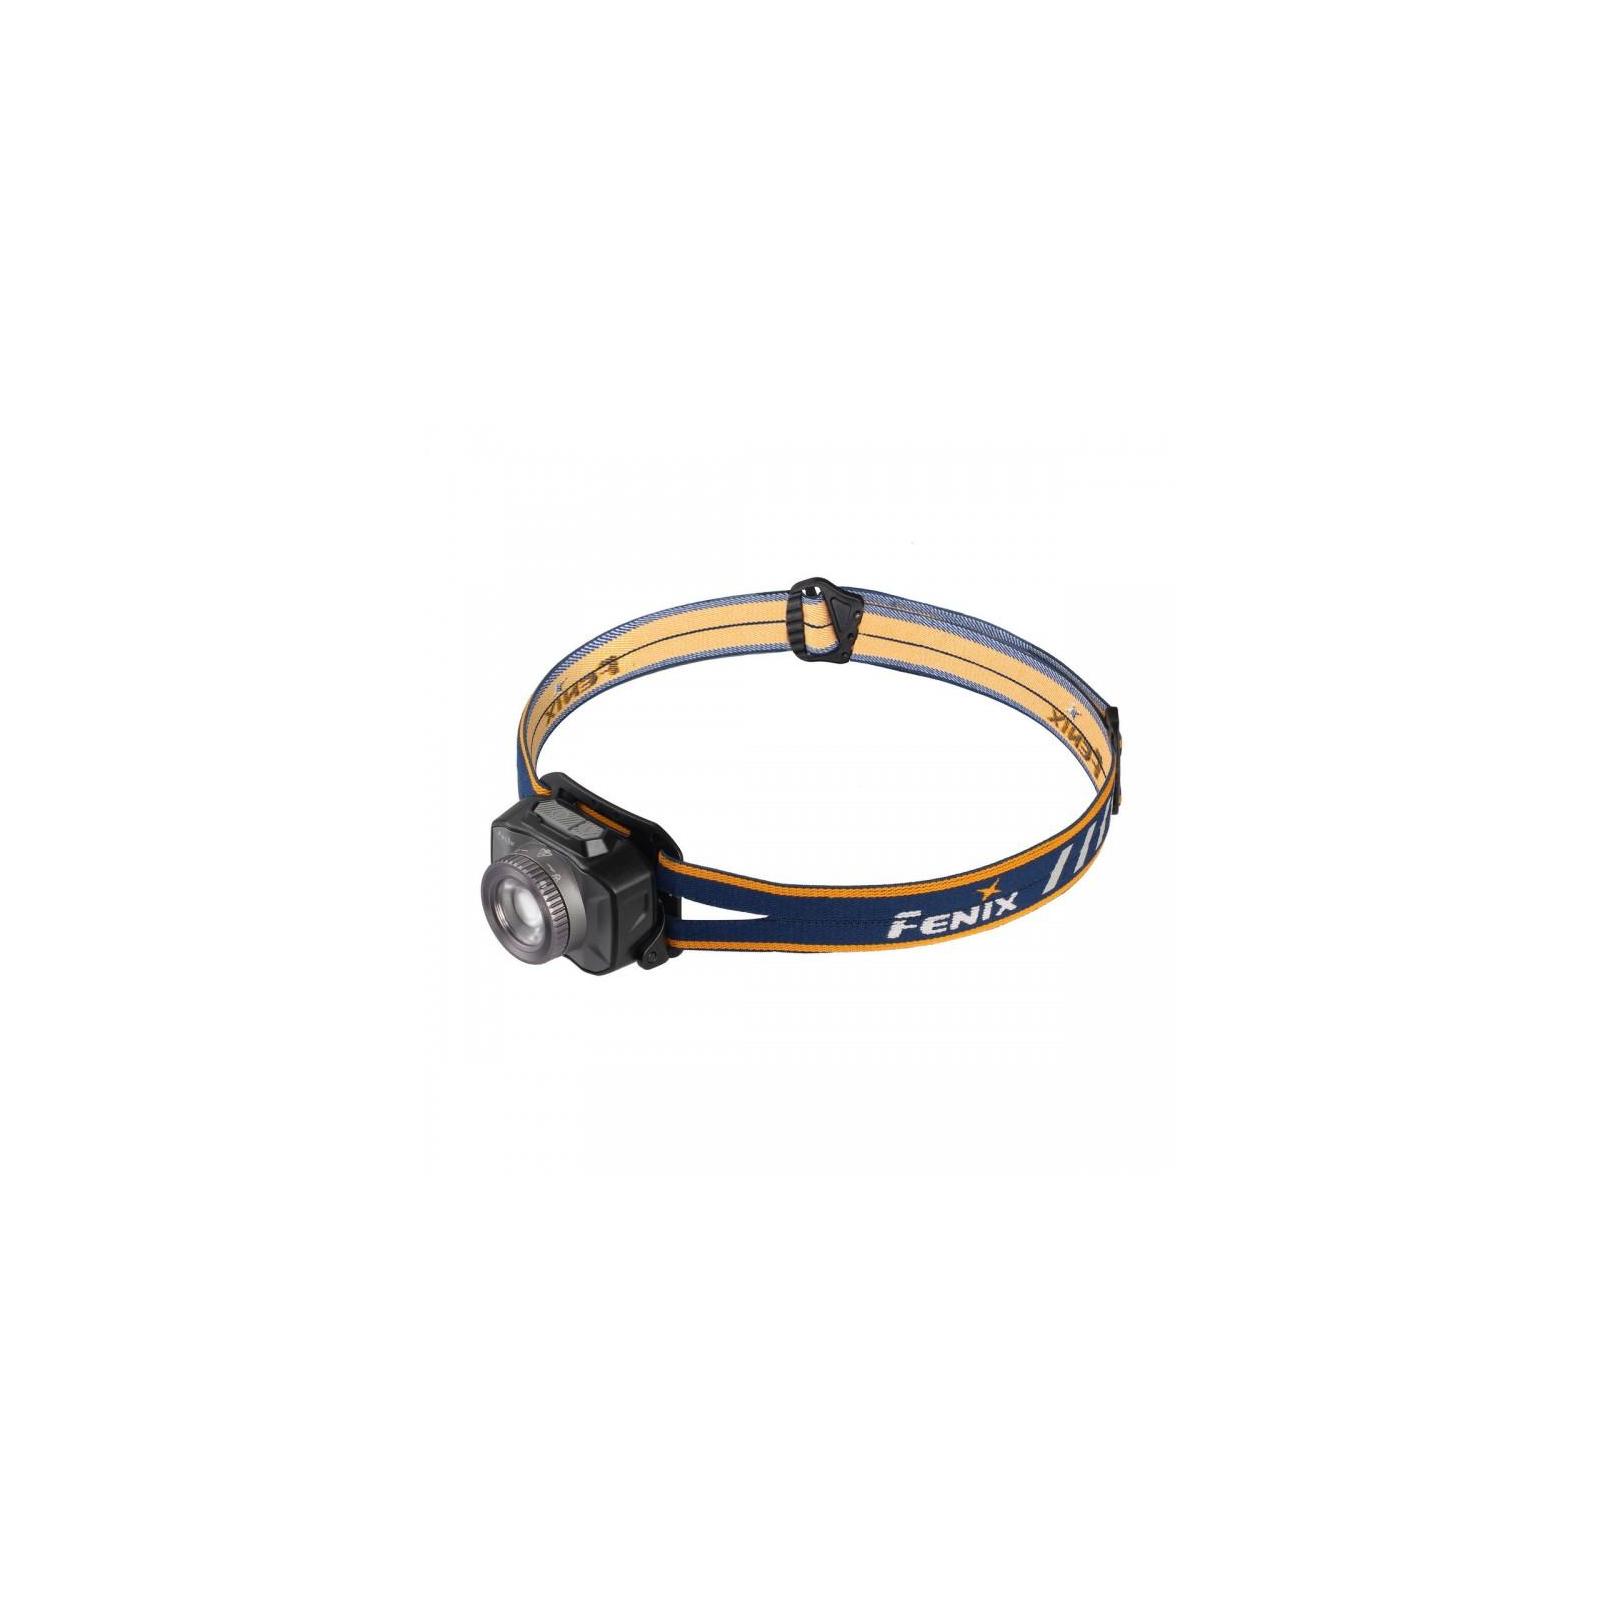 Фонарь Fenix HL40R Cree XP-LHIV2 LED серый (HL40RGY)